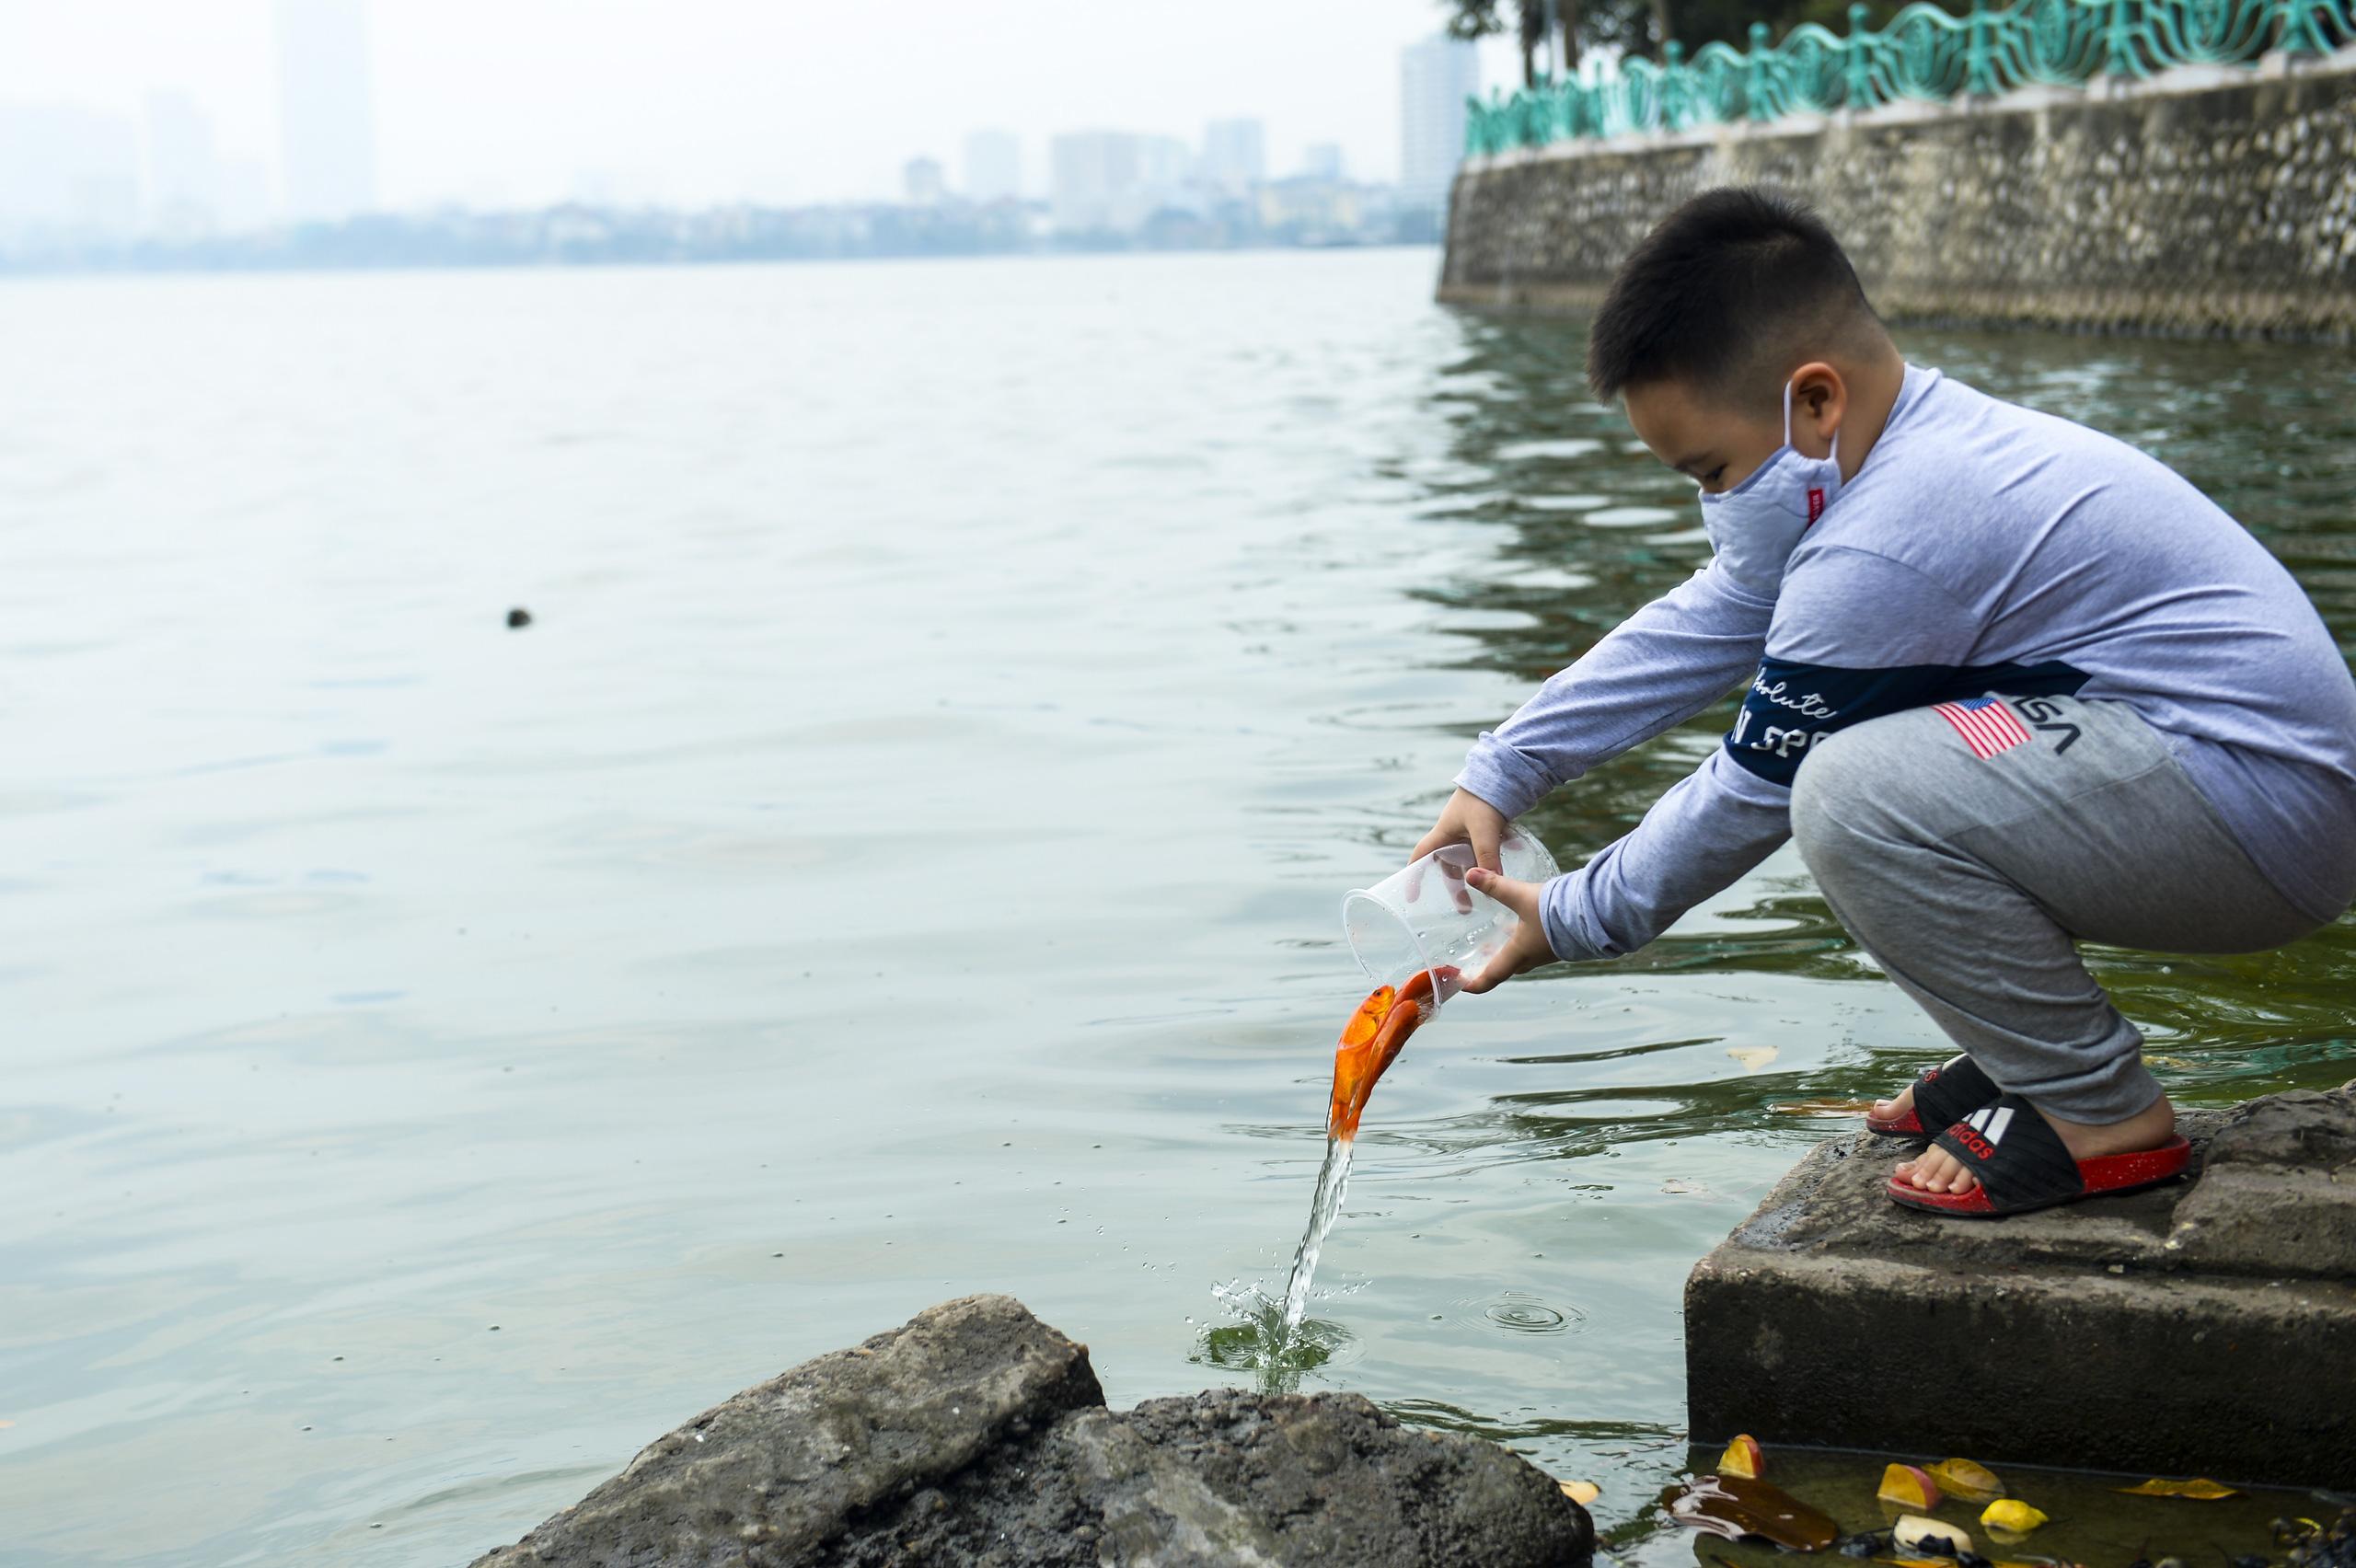 Người phụ nữ thả 3 con cá chép nặng gần 3kg xuống Hồ Tây tiễn ông Công, ông Táo về trời sớm - Ảnh 2.